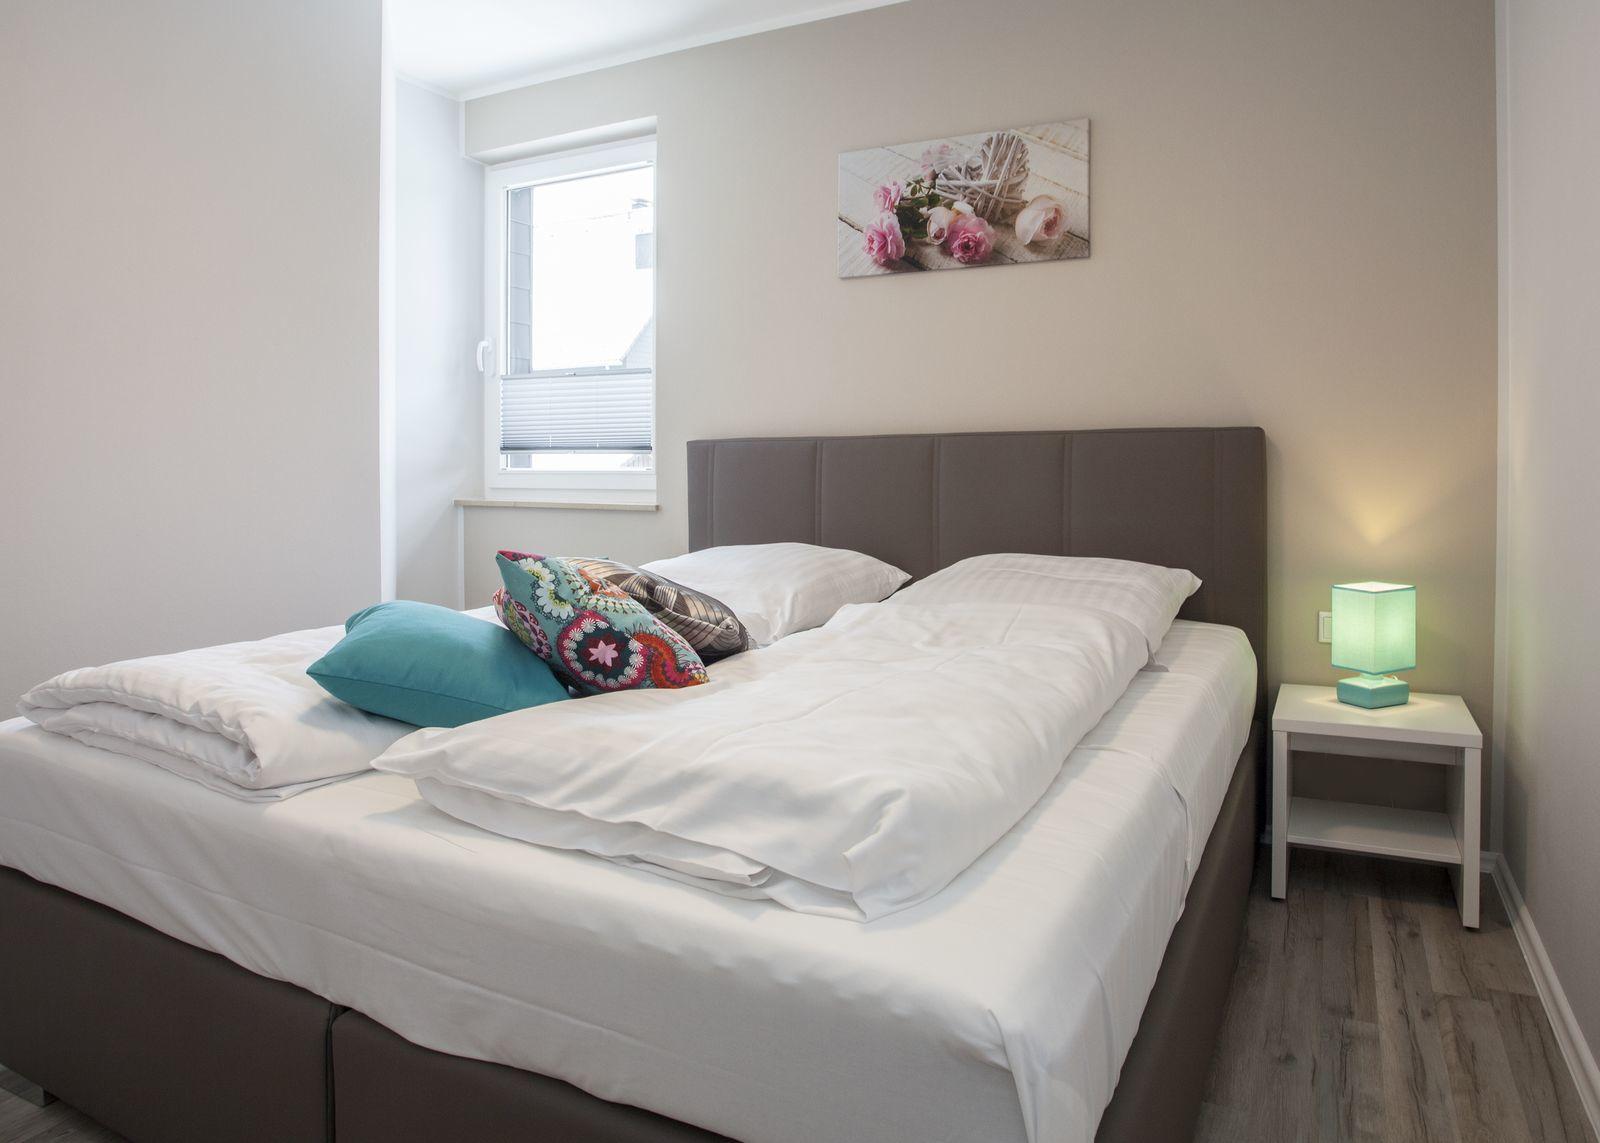 Appartement - Comfort 4 Personen(z)